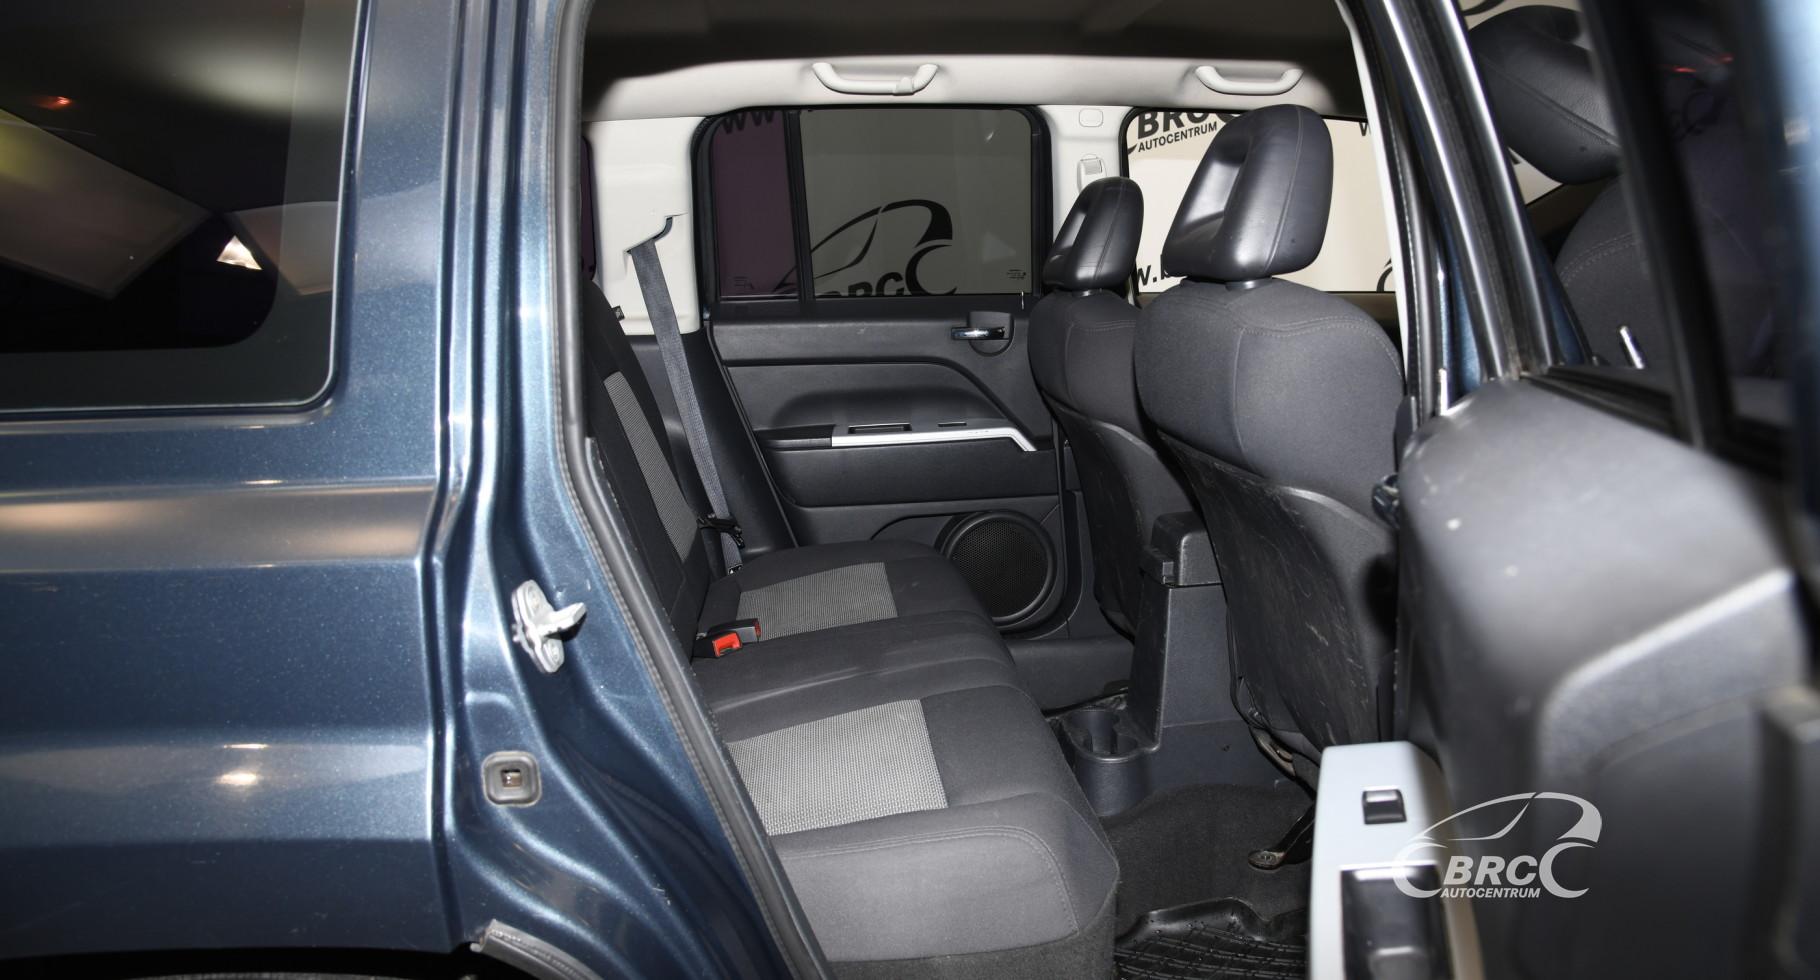 Jeep Patriot 2.0 CRD 4WD